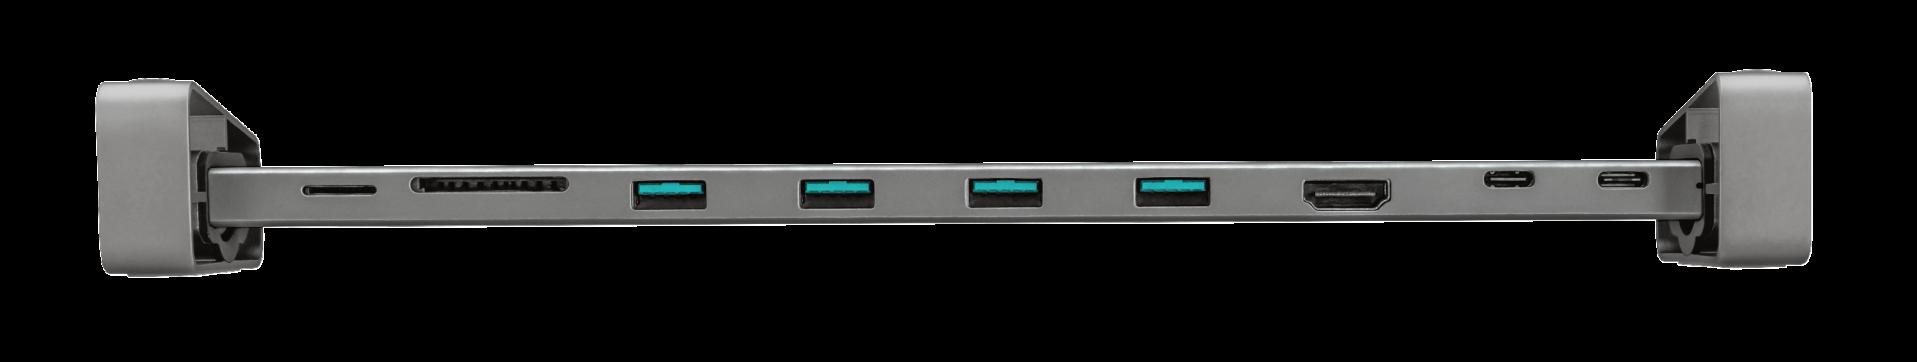 Adaptor Trust Dalyx Aluminium 10-in-1 USB-C Multi-port Dock - imaginea 4